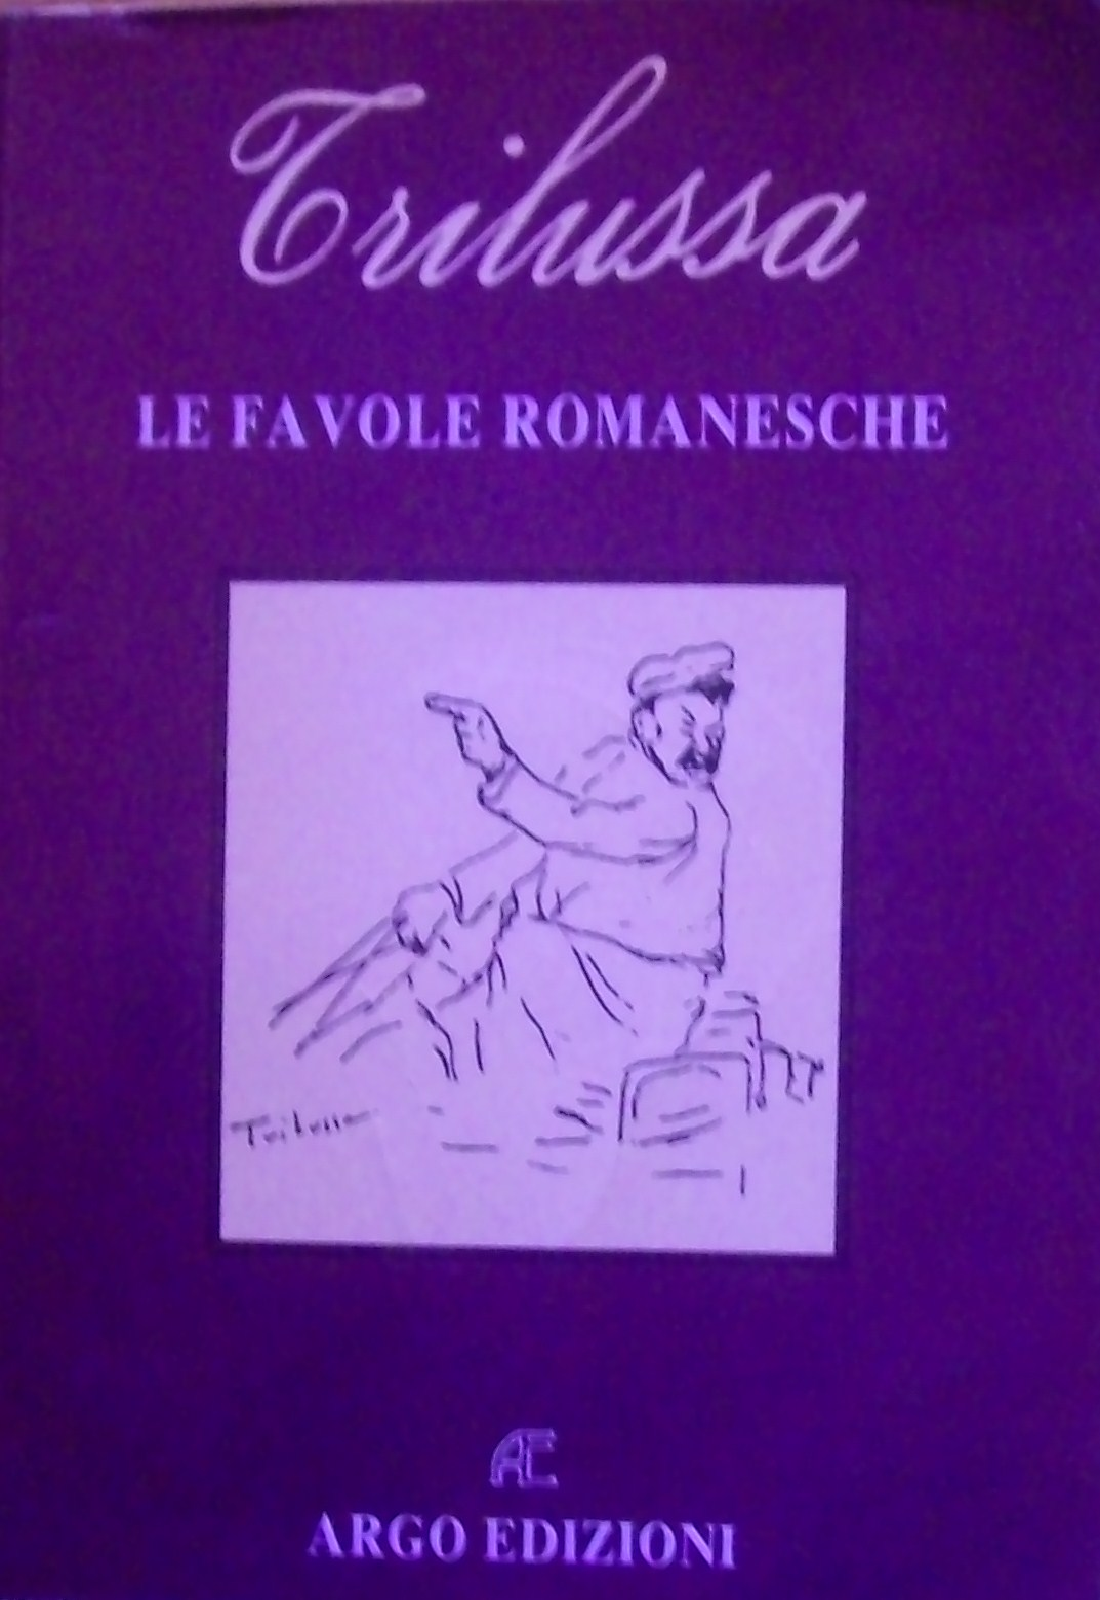 Le favole romanesche !! SCHEDA INCOMPLETA !!